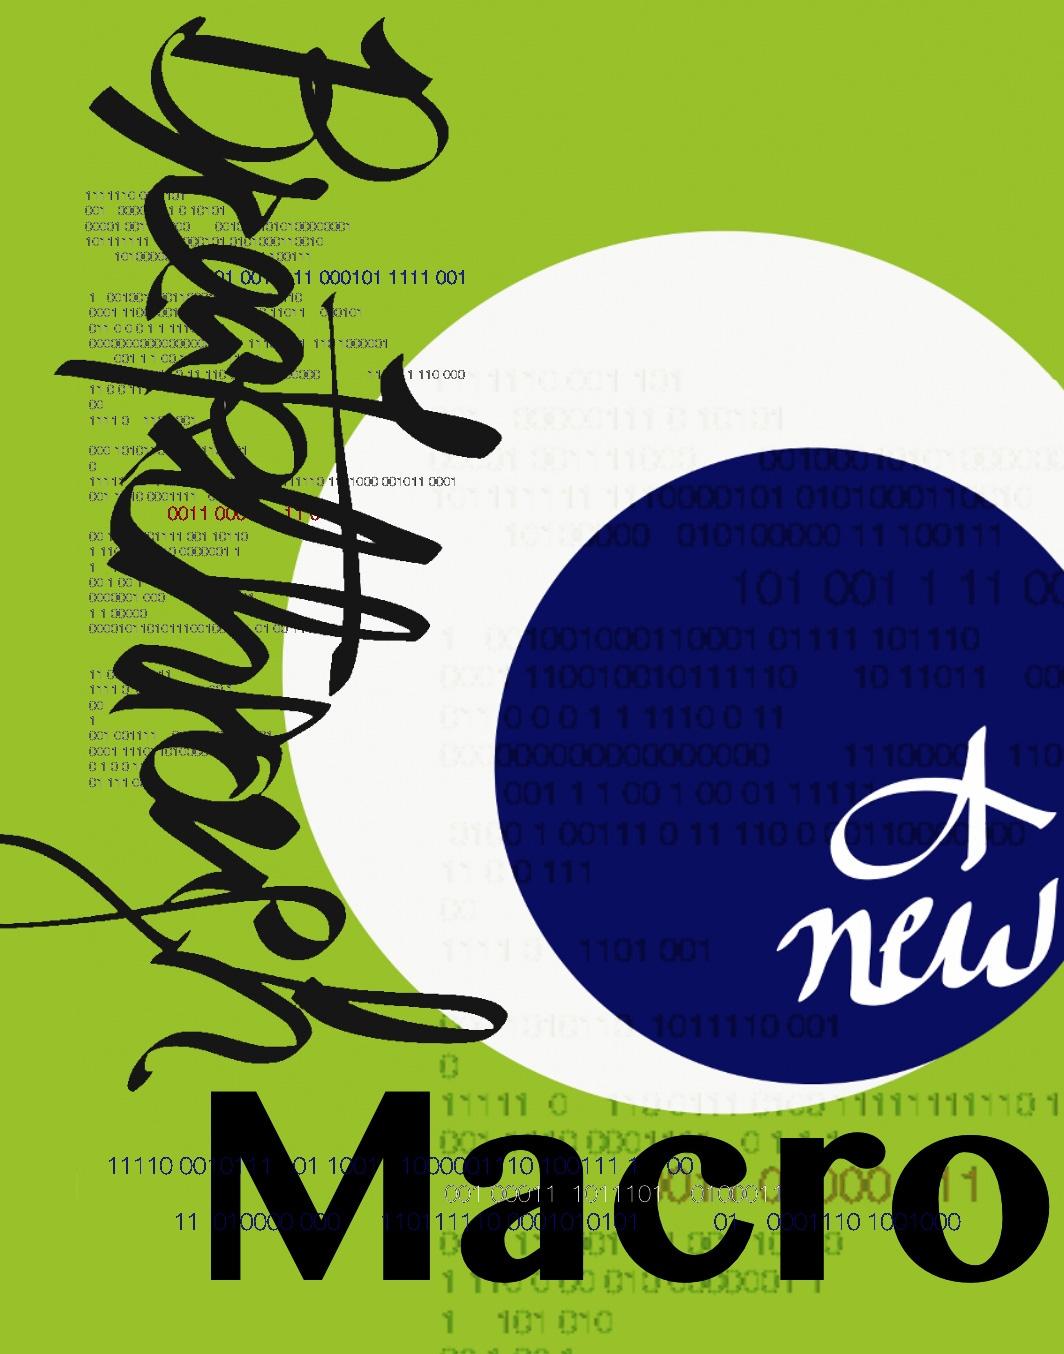 ACA Macro Breakthrough